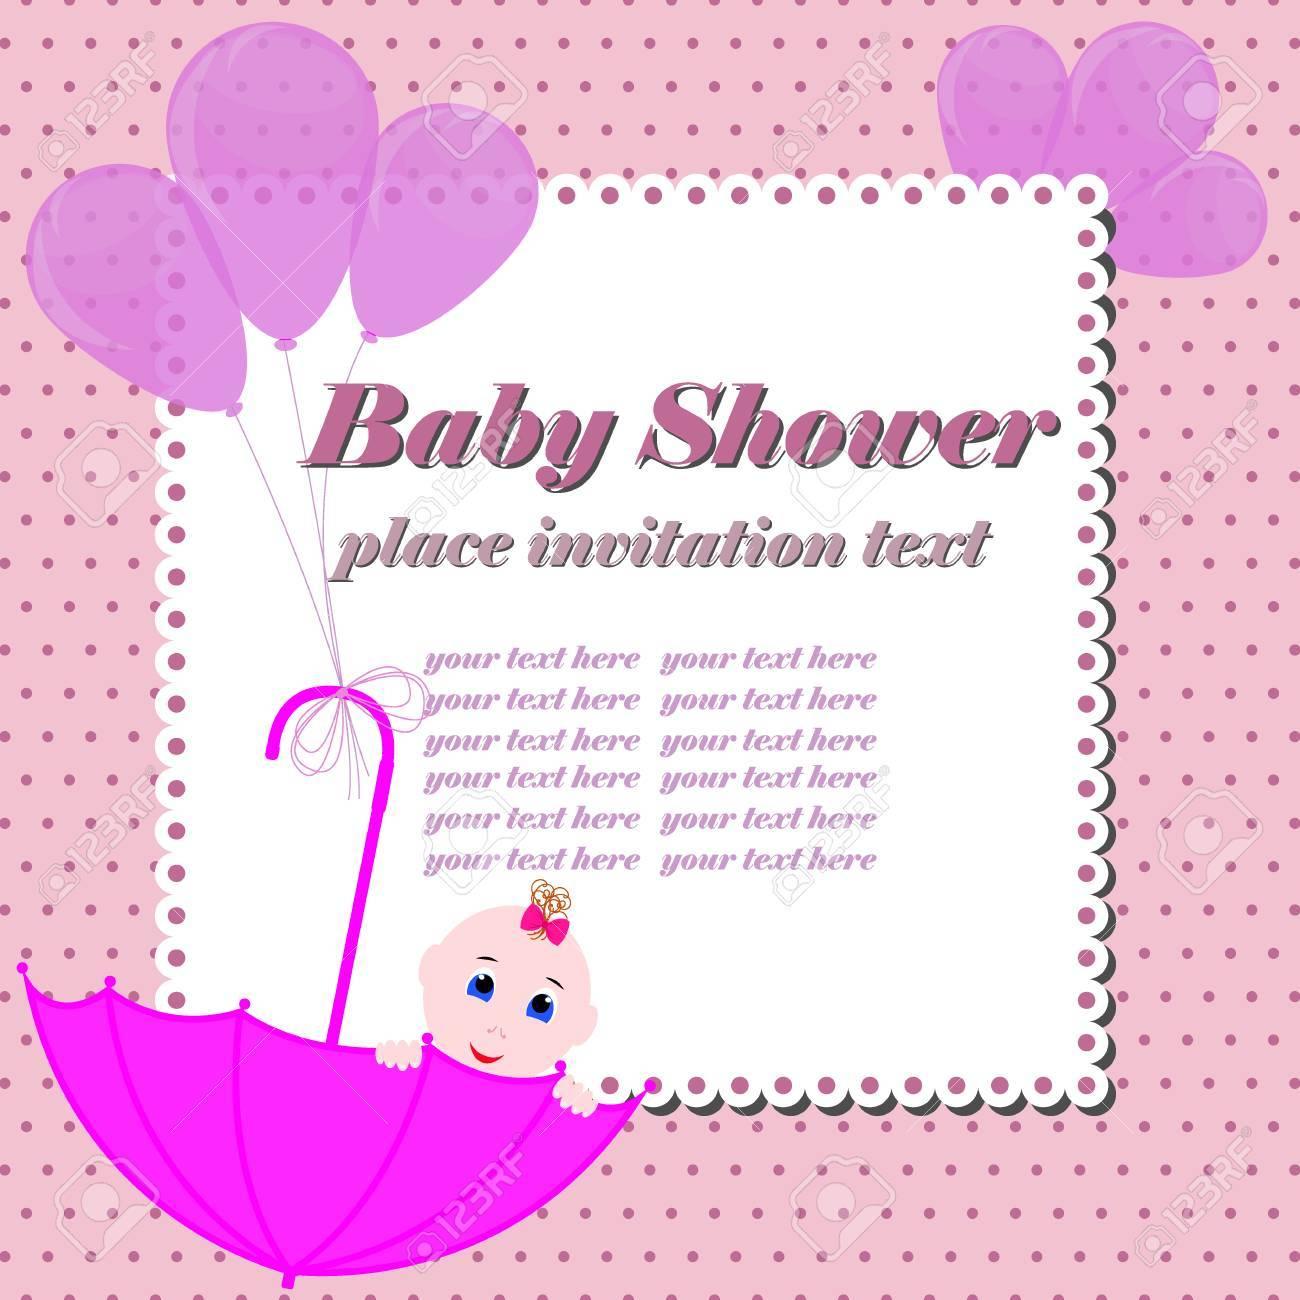 Tarjeta De Invitación De Baby Shower Linda Chica Sentada En El Paraguas Invitación De Diseño O Tarjeta De Felicitación Para Baby Shower